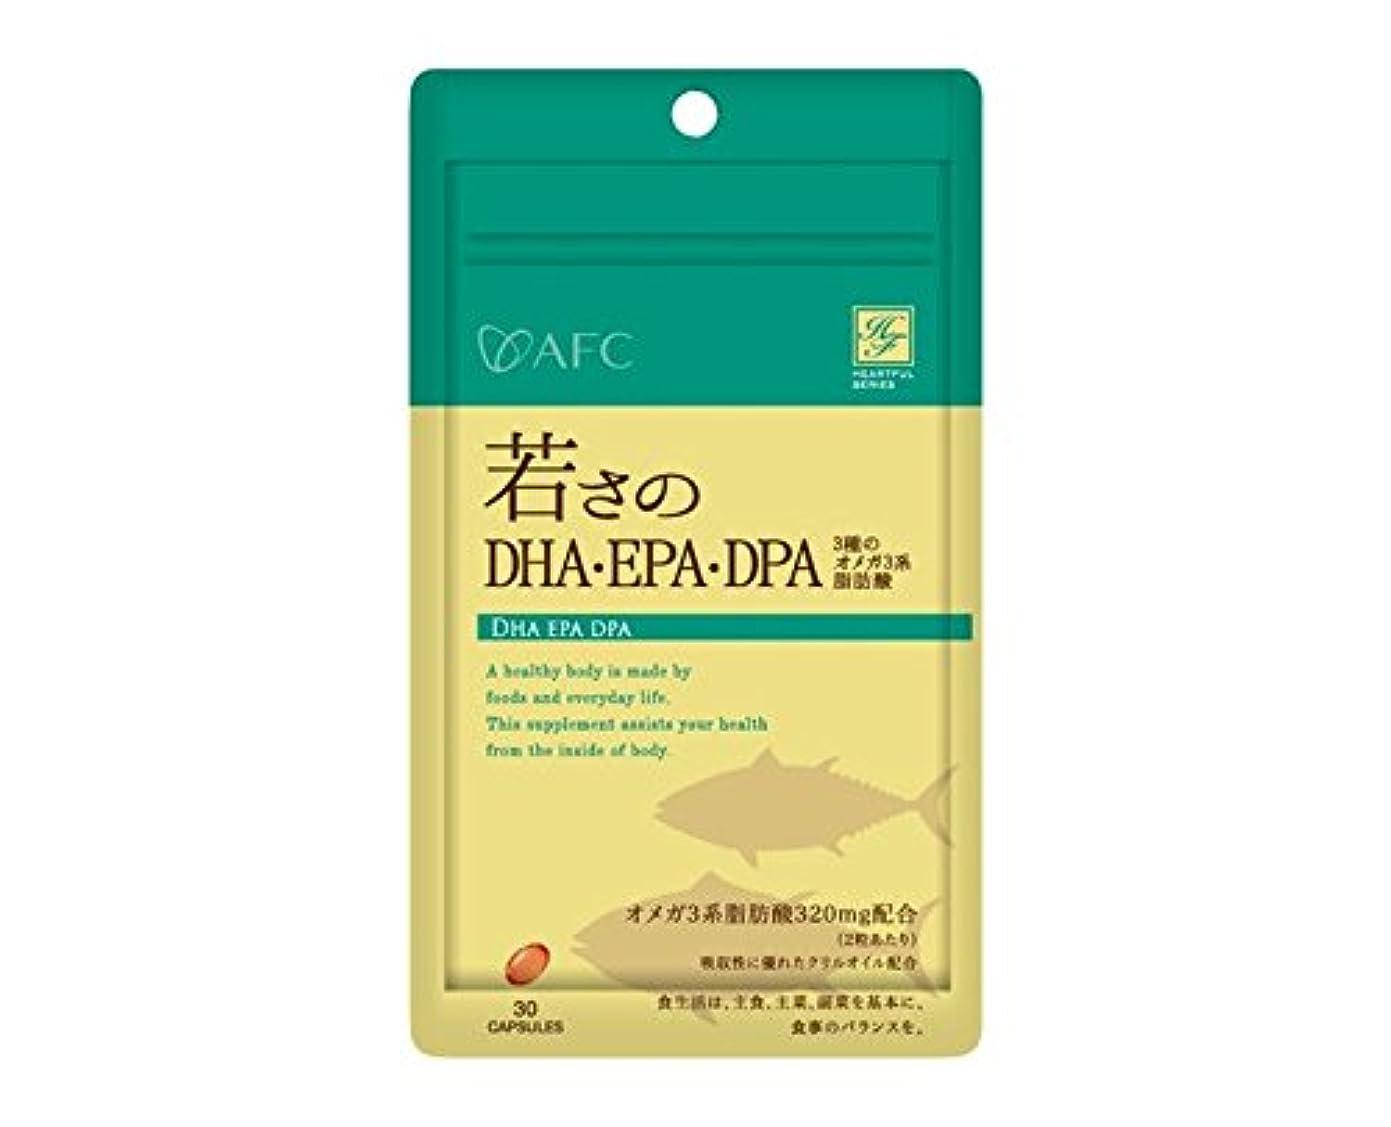 雇った生じる矛盾ハートフルシリーズ 若さの DAH?EPA?DPA3種のオメガ3系脂肪酸